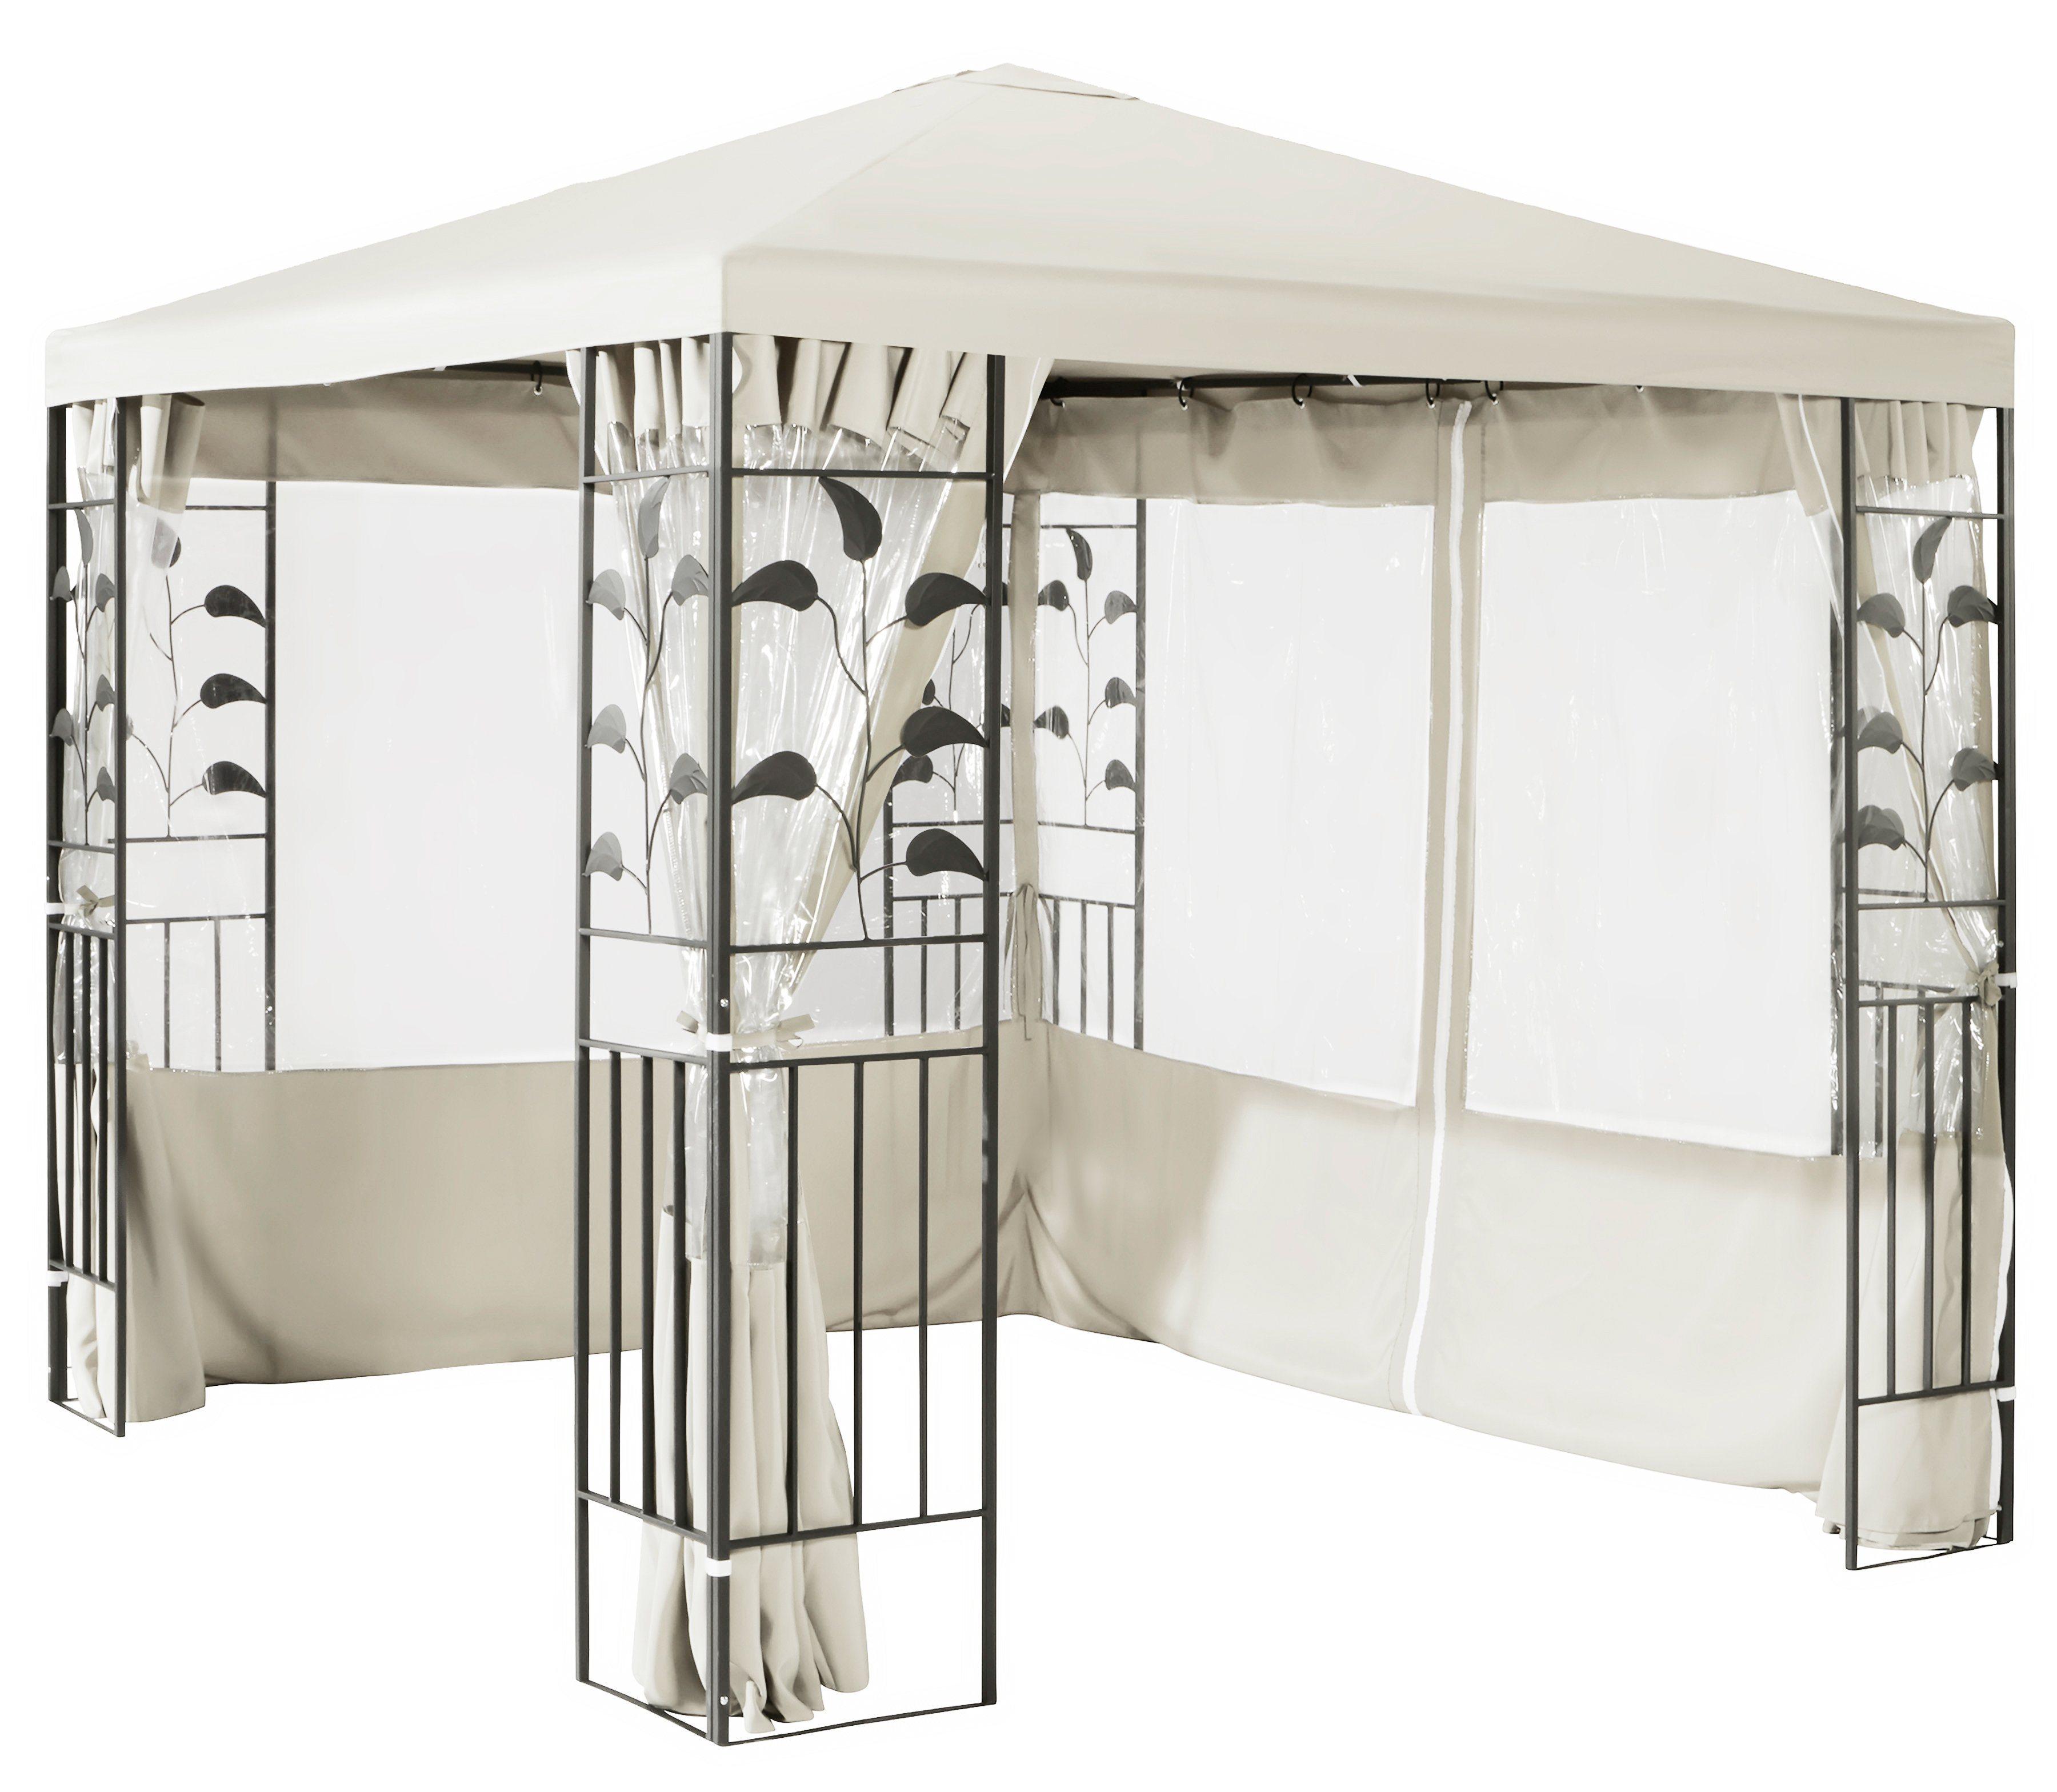 Favorit Stahl Pavillon 3X3 Preisvergleich • Die besten Angebote online kaufen BT51